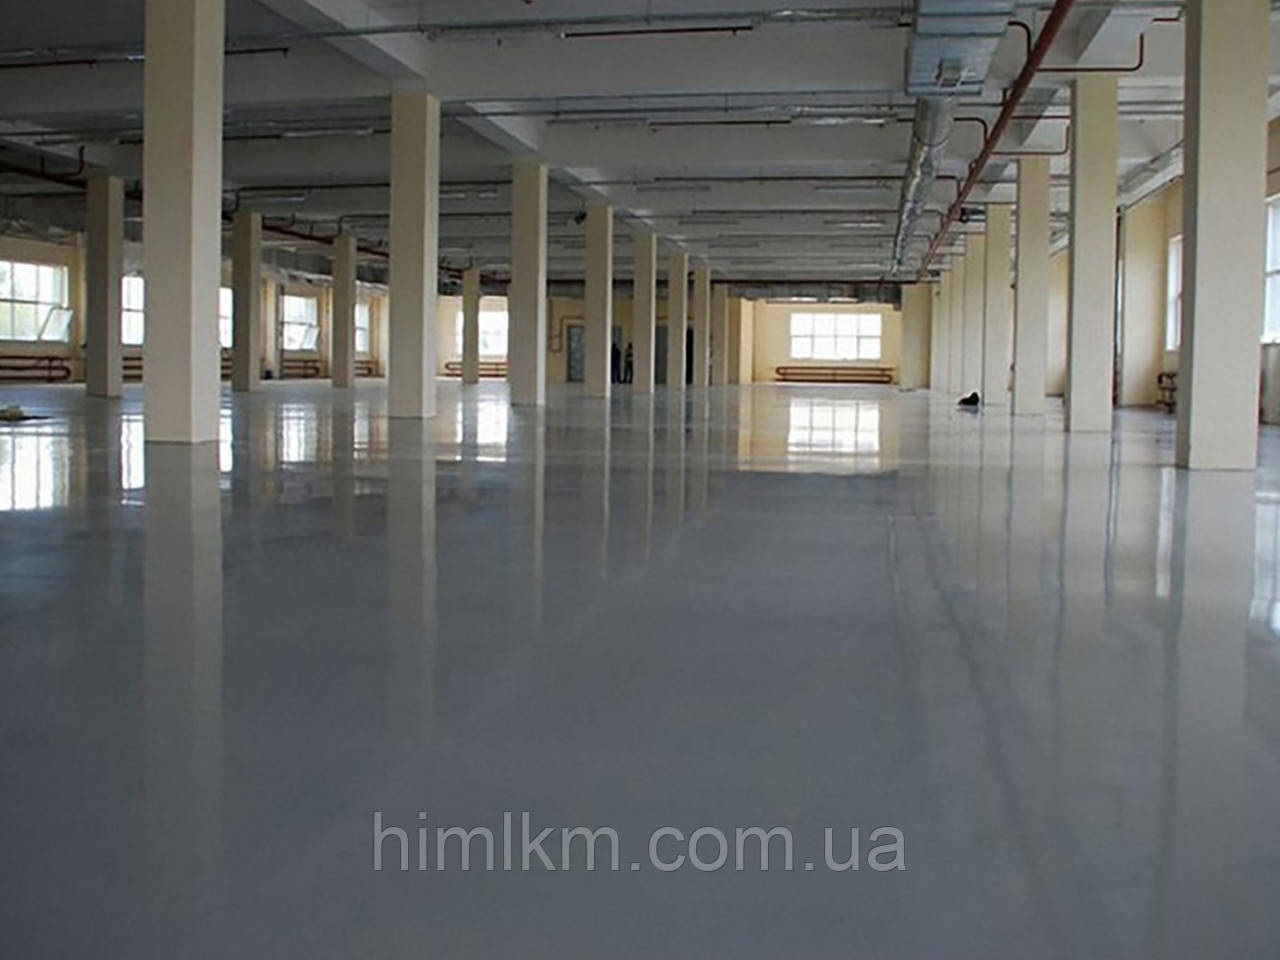 Полимакс911 захисне покриття з бетону, паркінгів, стін, металу, скла, дерева, асфальту, дахів, кераміки